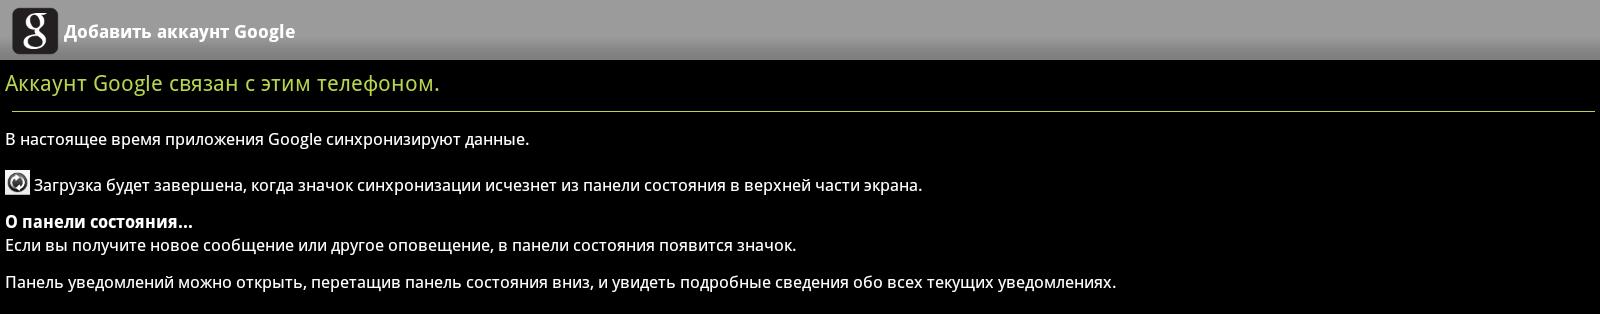 регистрация в Инстаграм через компьютер